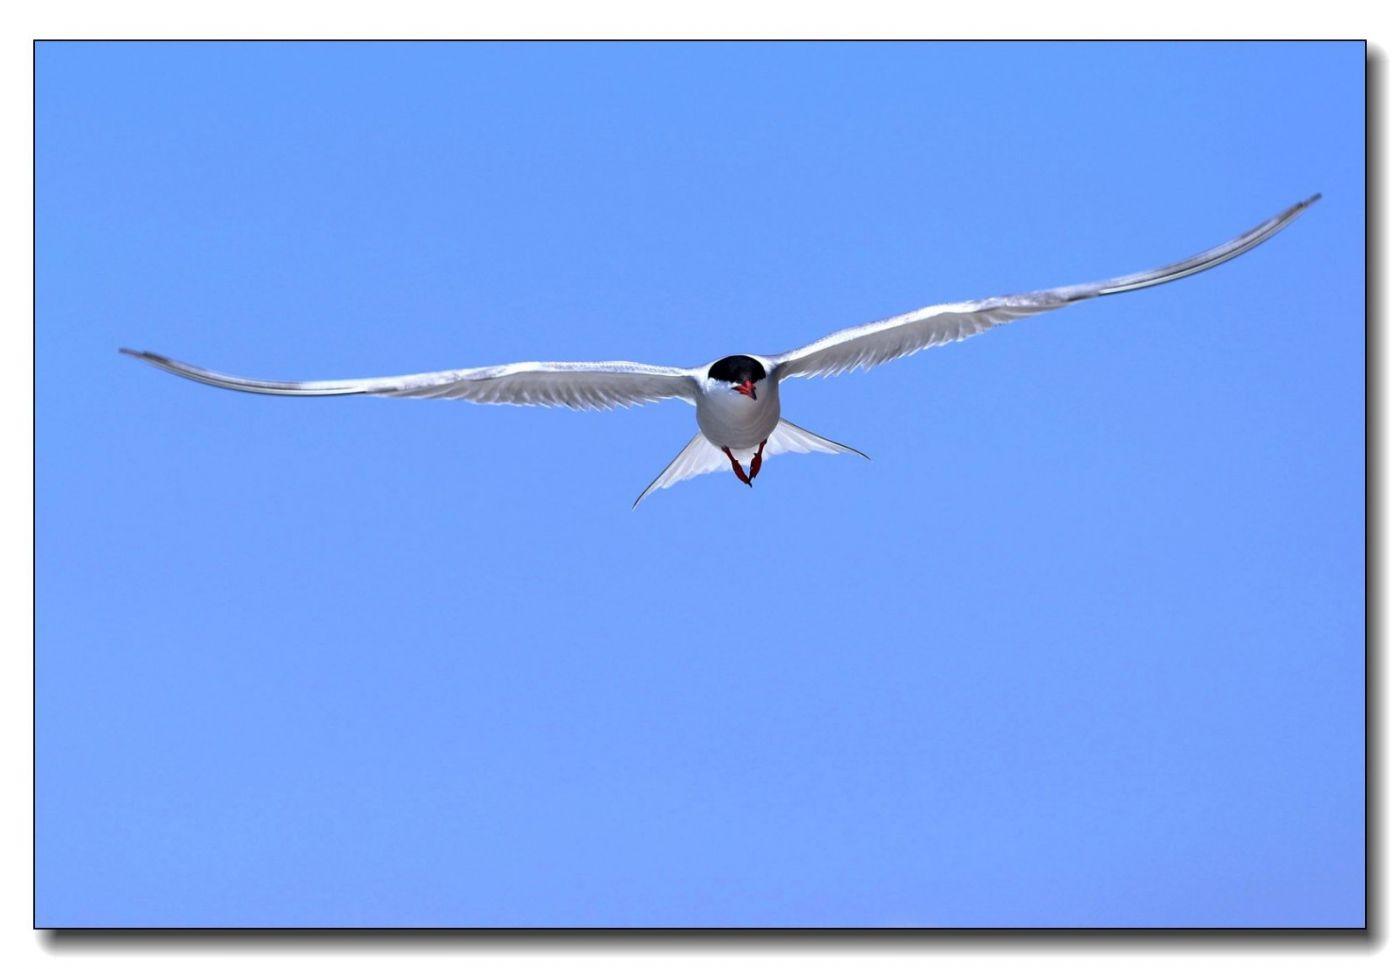 洛克威海滩拍鸟-燕鸥_图1-1